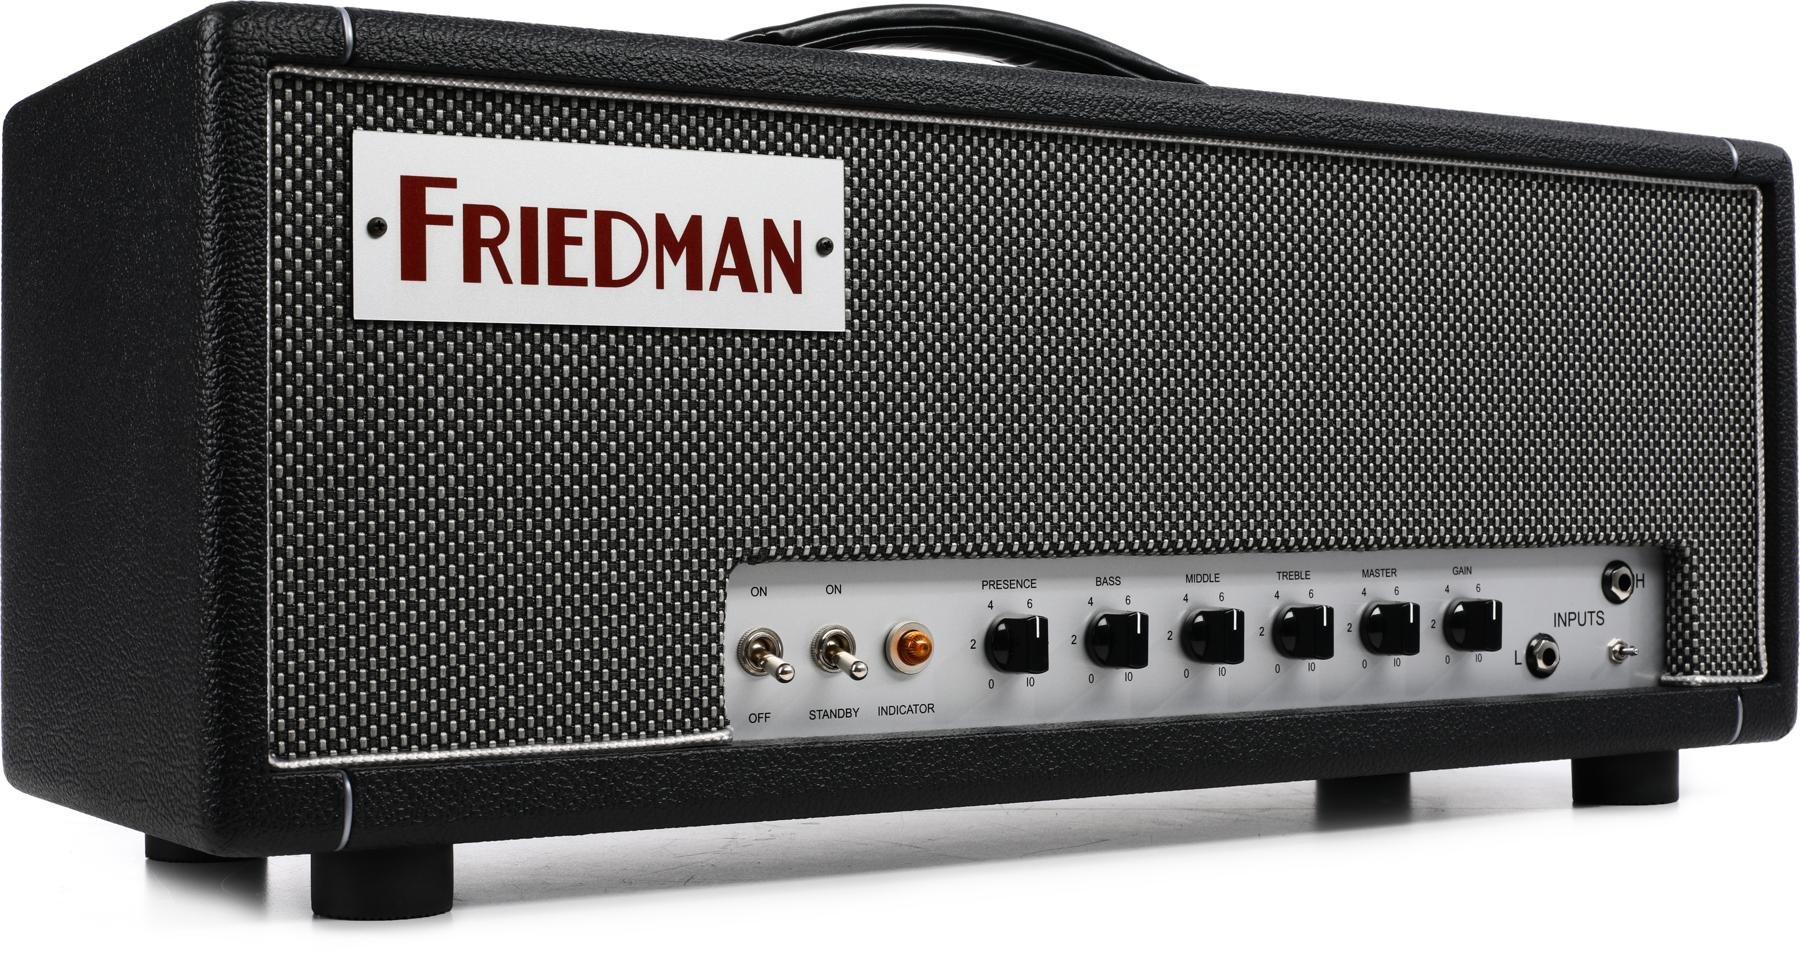 Friedman Dirty Shirley 40 Watt Tube Head Sweetwater 20w Power Amplifier With El34 Image 1